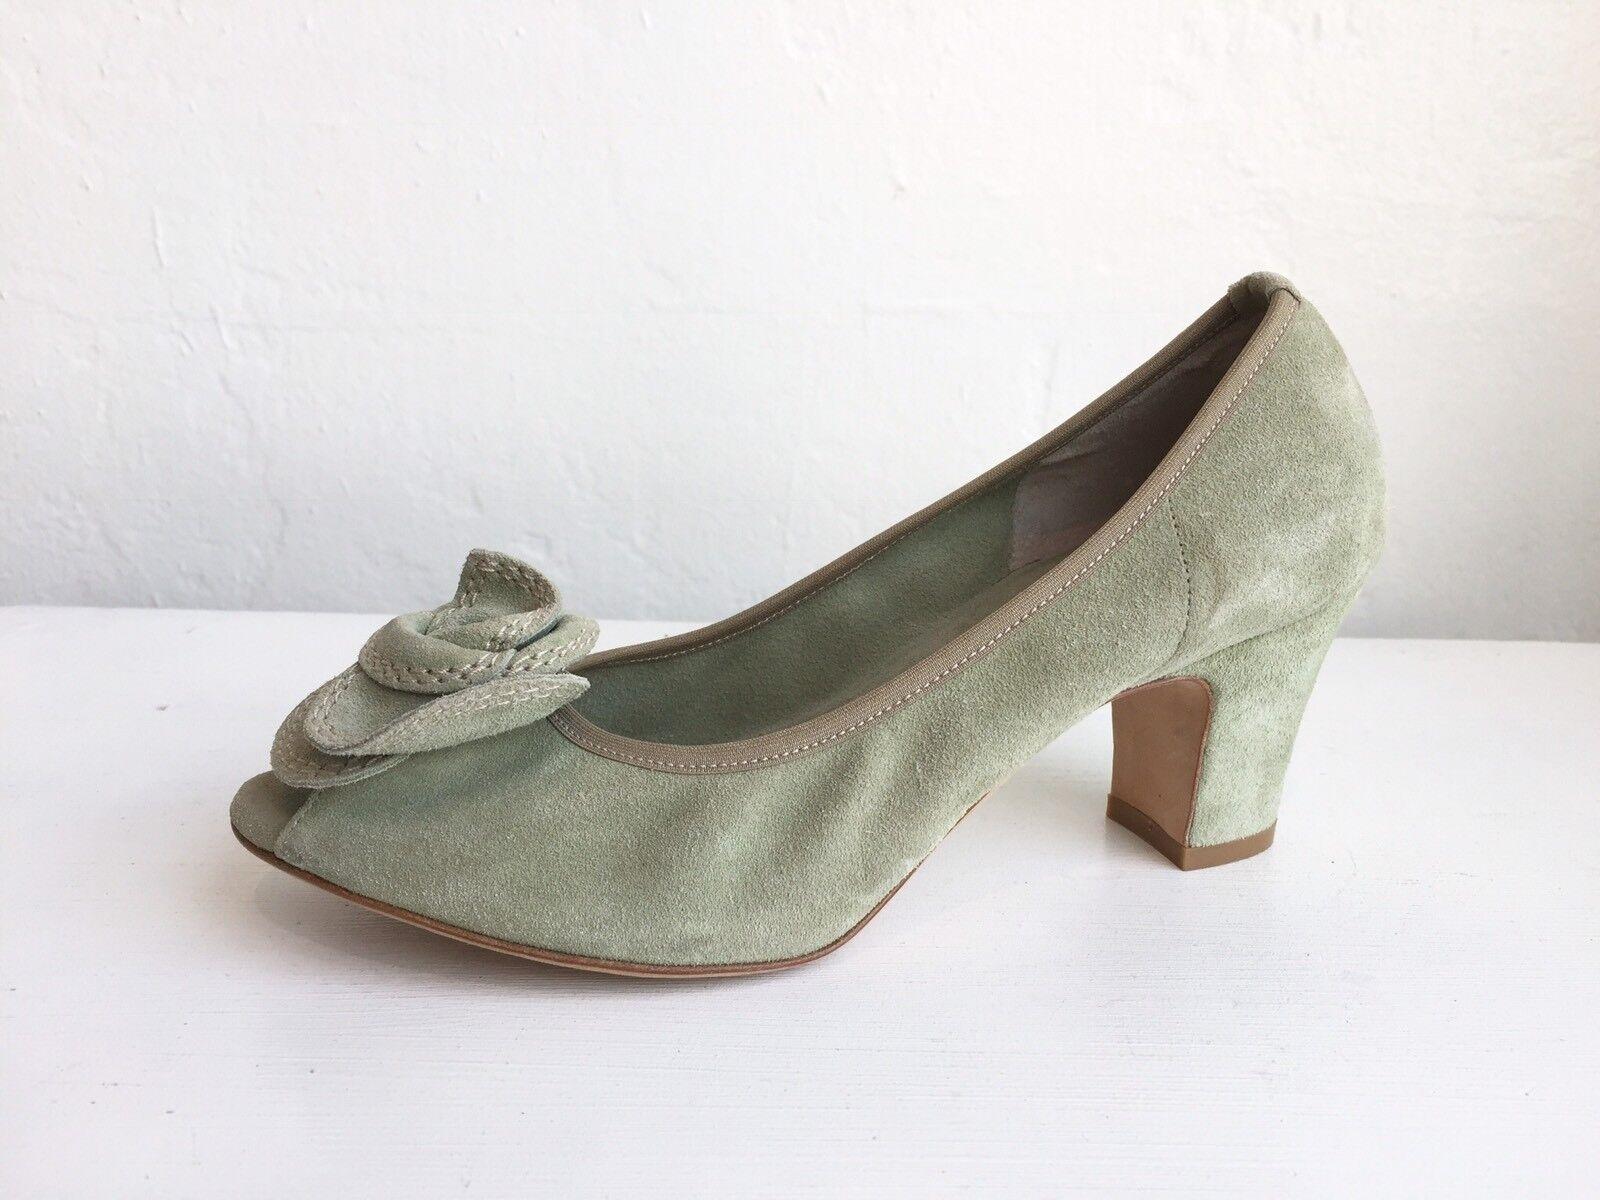 DANIELE ANCARANI Suede Sage Peep-Toe Heels Heels Heels Größe 7.5  325 bd9a1a